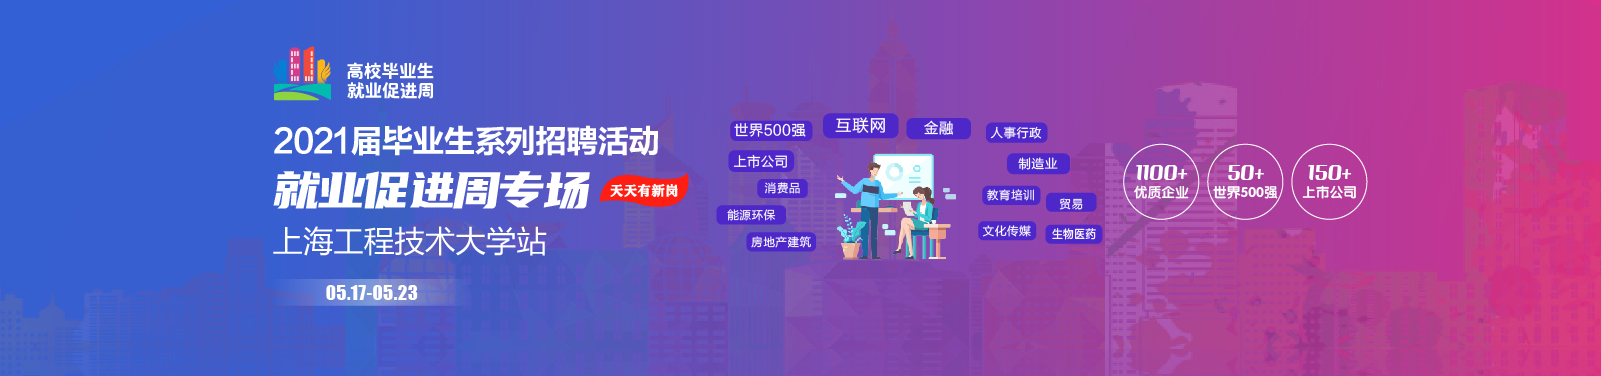 上海市2021届毕业生系列招聘活动上海工程技术大学就业促进周专场